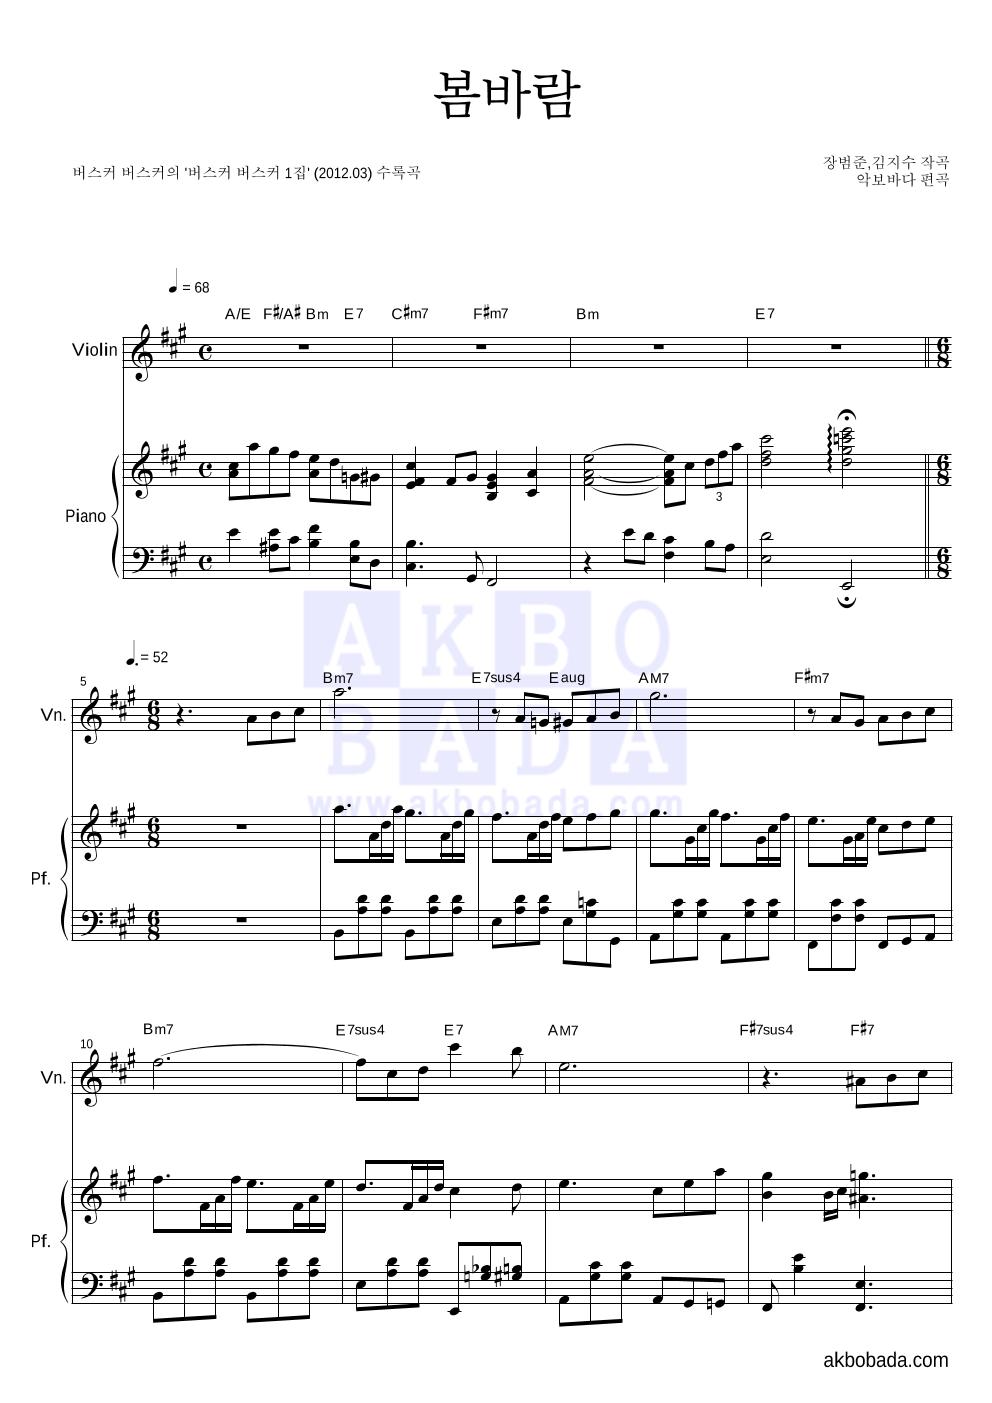 버스커 버스커 - 봄바람 바이올린&피아노 악보